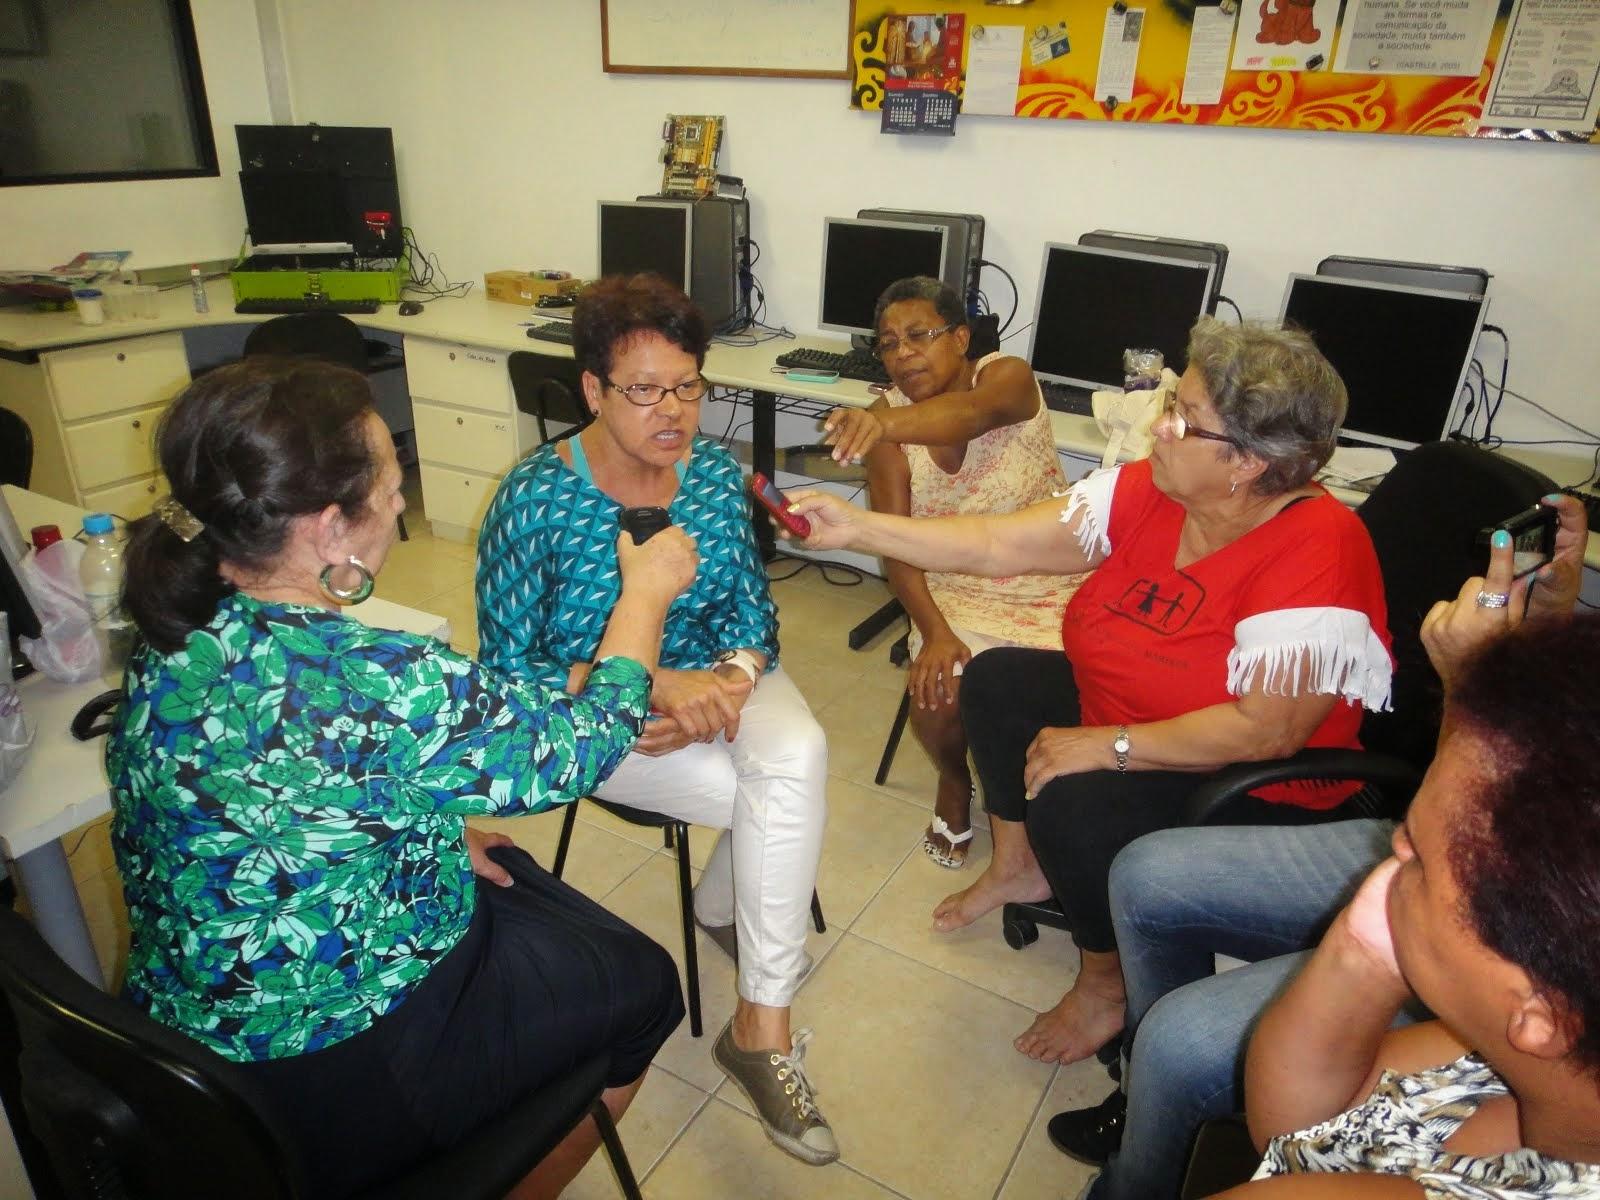 PLPs - Vozes em Ação: Promotoras Legais Populares ampliam sua voz em programas de radioweb